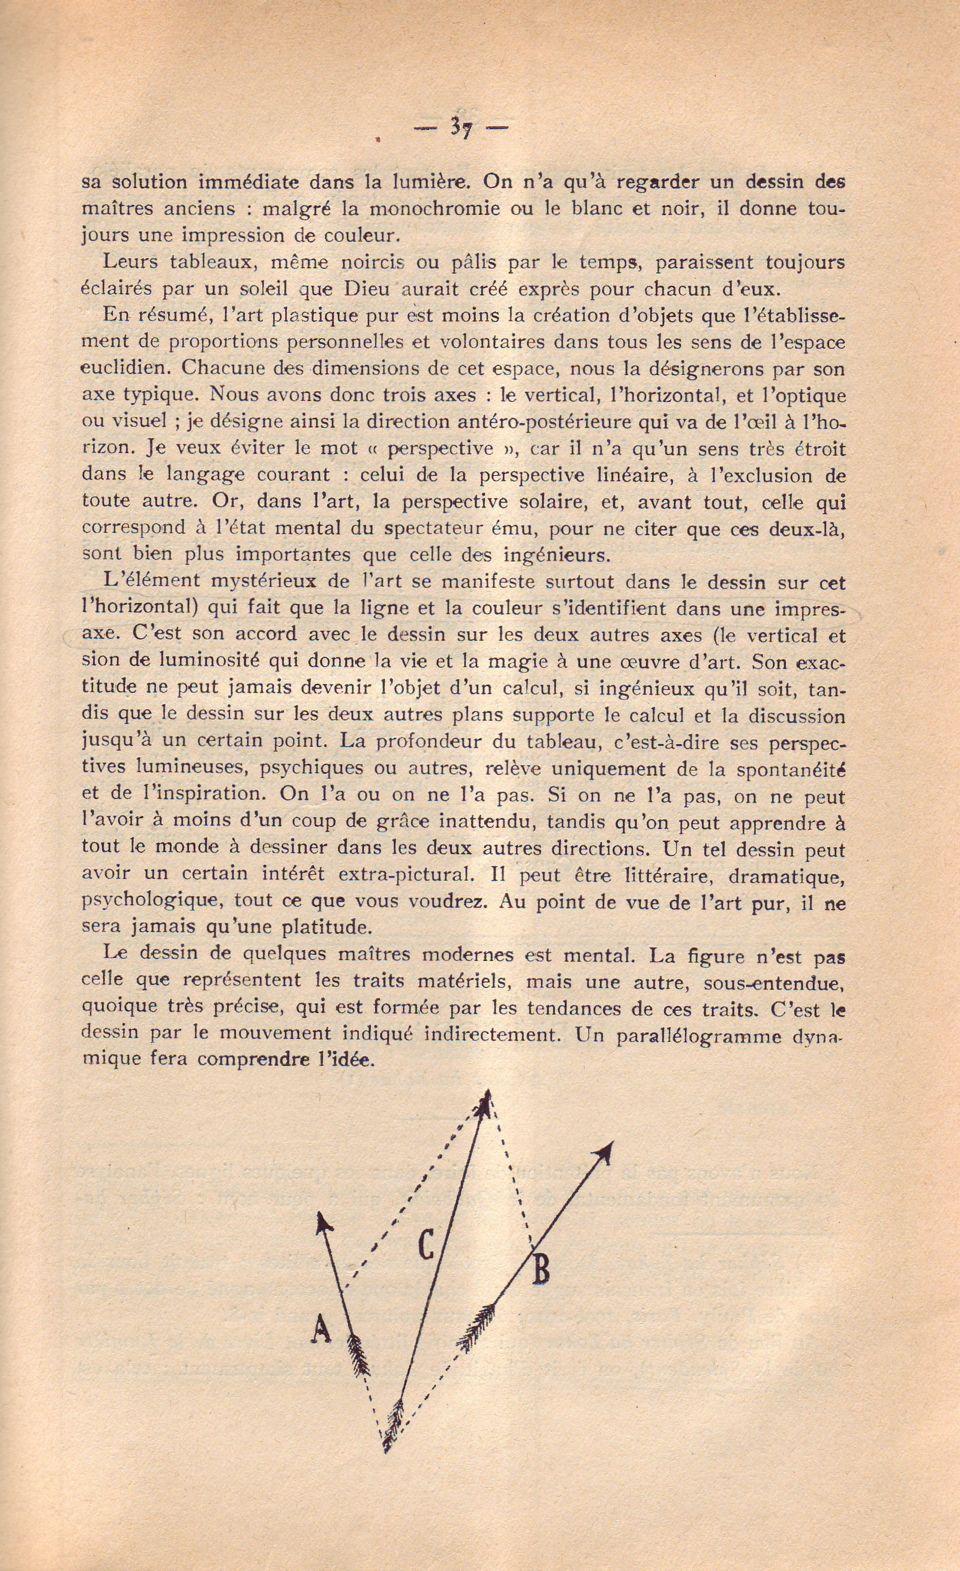 Pages..Mércure 10. 37